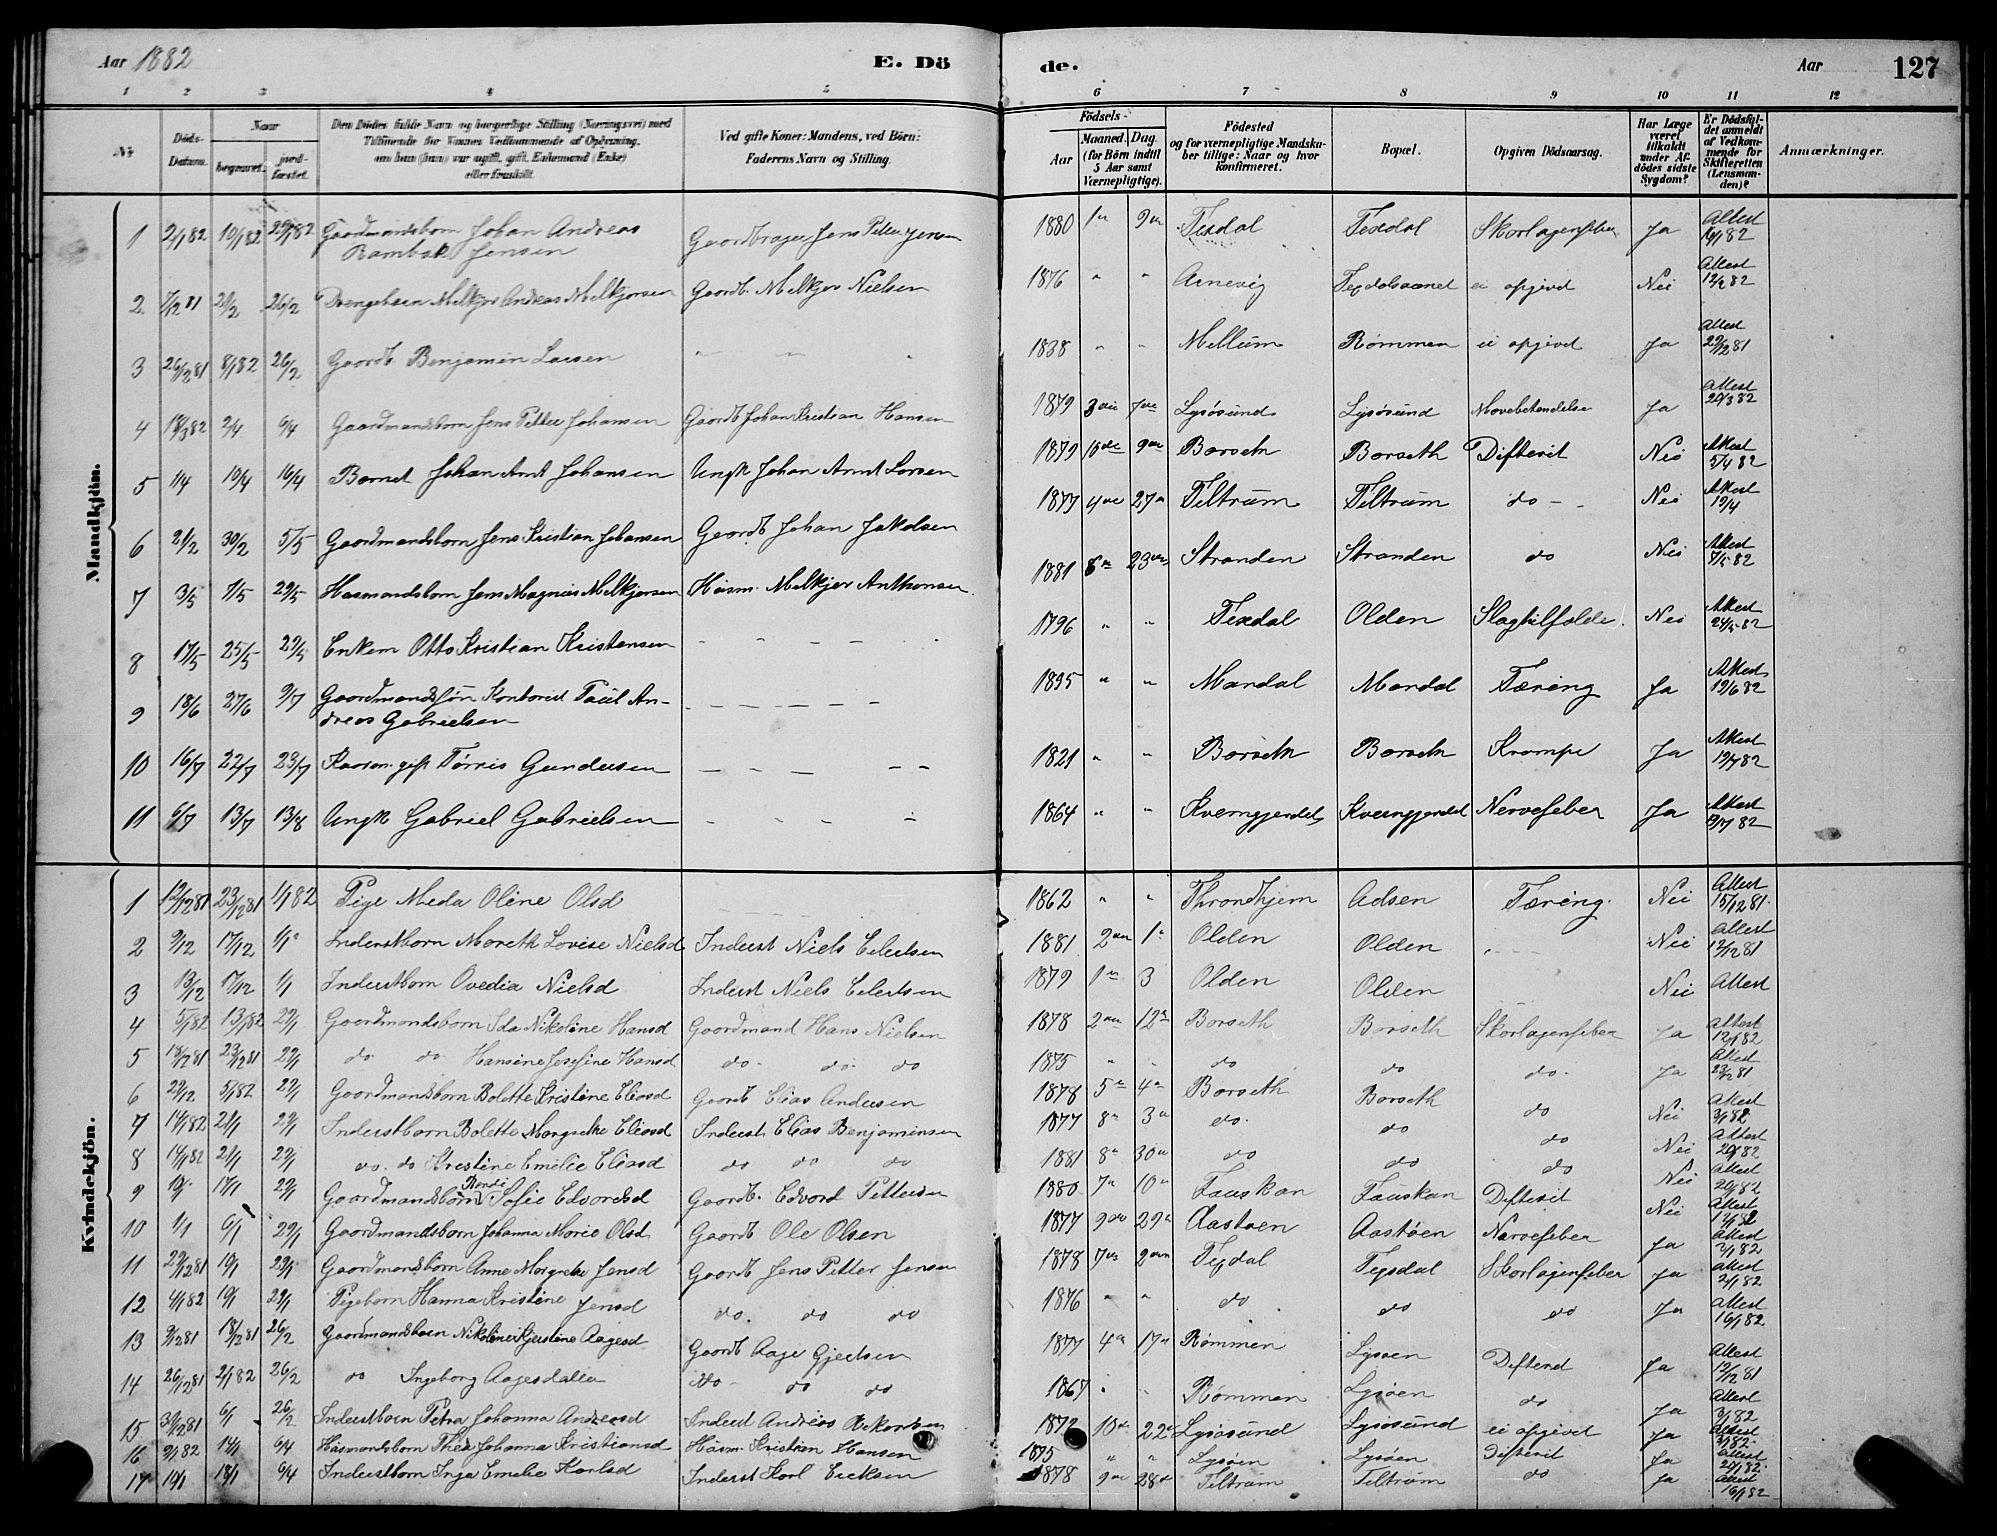 SAT, Ministerialprotokoller, klokkerbøker og fødselsregistre - Sør-Trøndelag, 654/L0665: Klokkerbok nr. 654C01, 1879-1901, s. 127